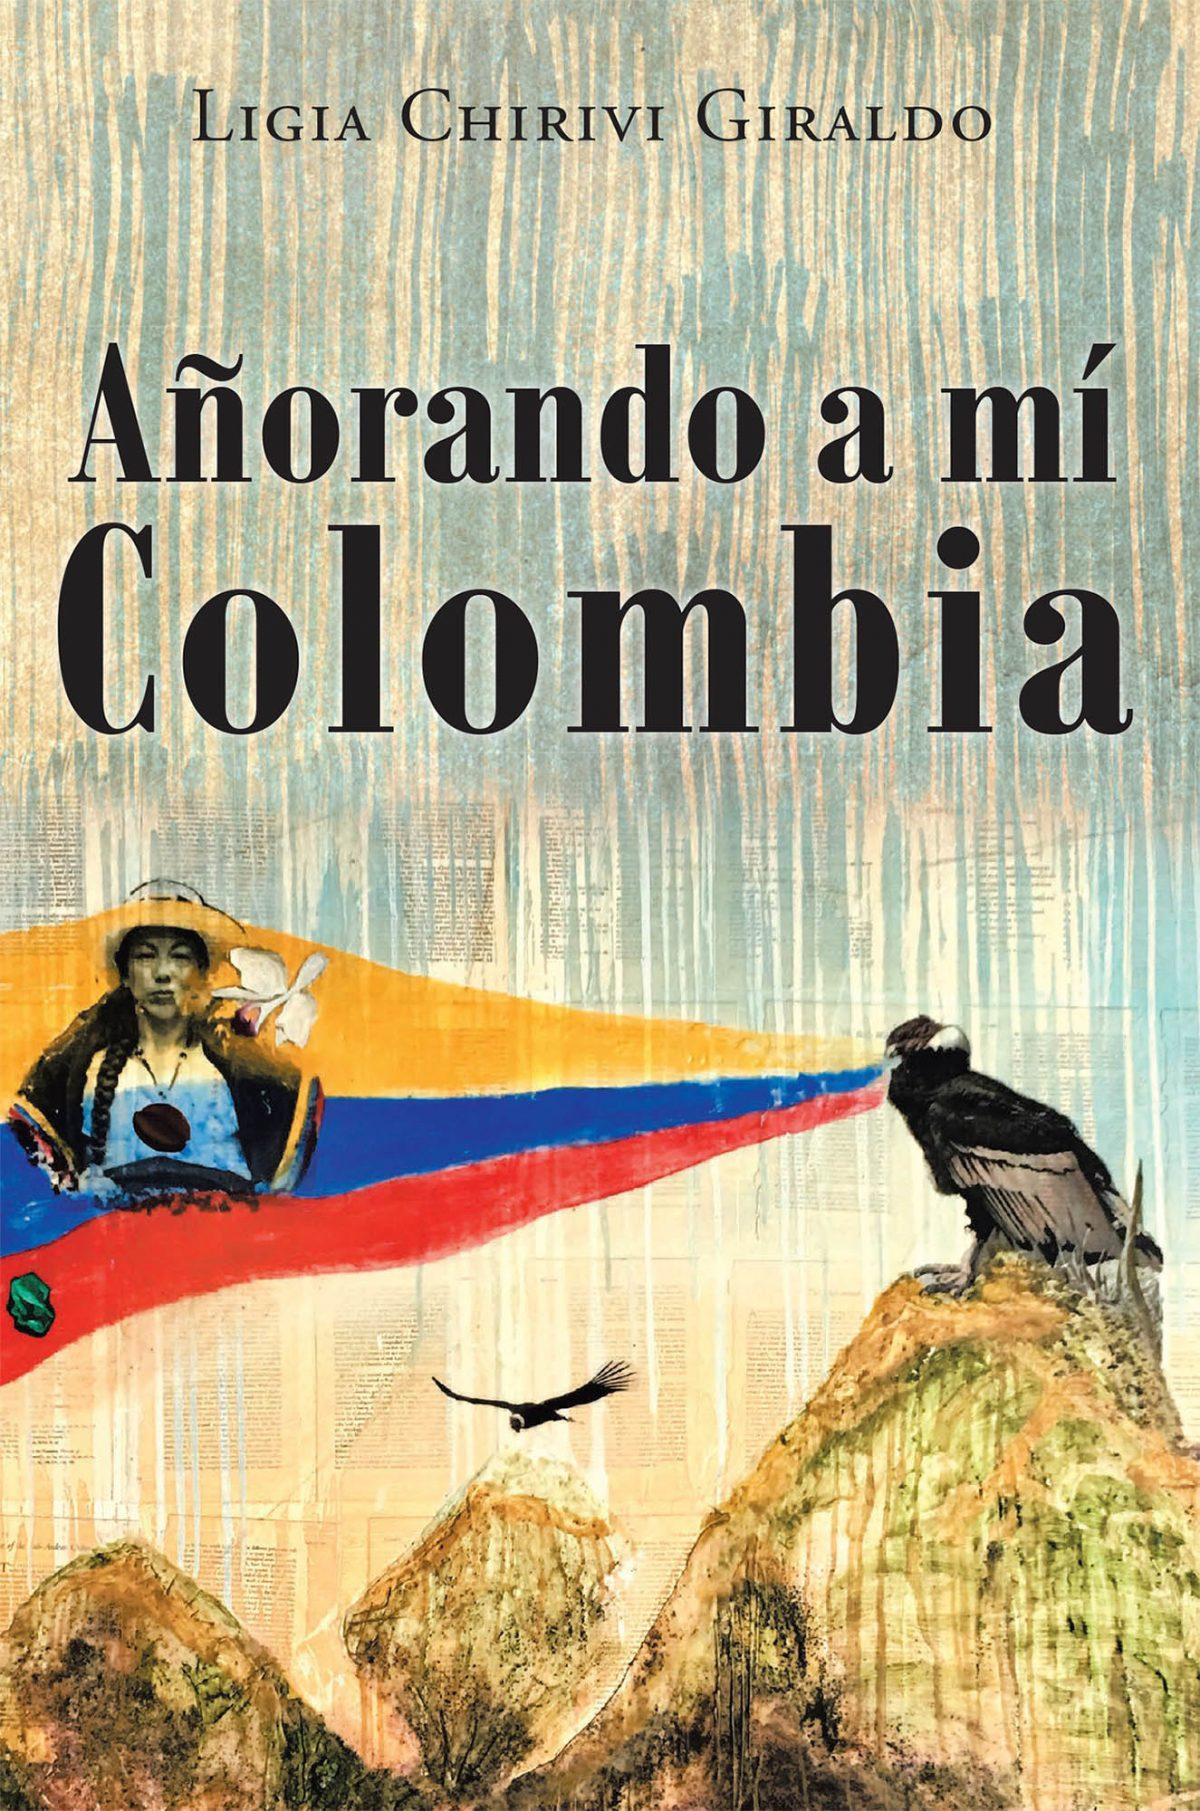 El nuevo libro de Ligia Chirivi Giraldo, Añorando a Mi Colombia, maravillosos relatos y opiniones sobre Colombia.